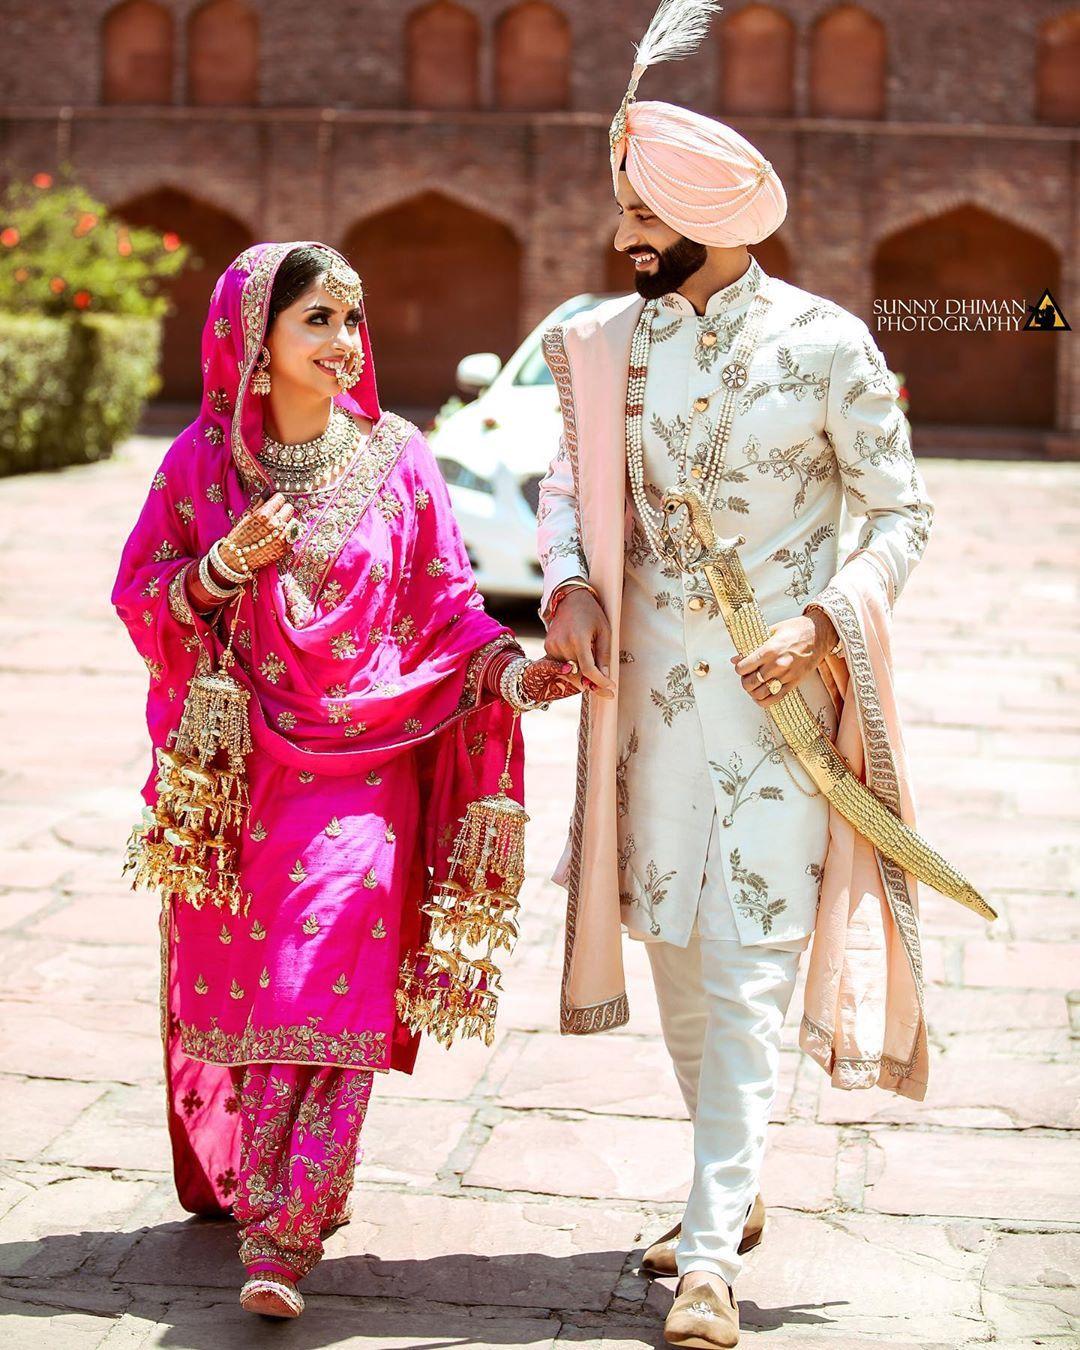 Bright Pink Wedding Dress By Harkiran Basra Punjabi Wedding Suit Bridal Suits Punjabi Indian Bridal Fashion